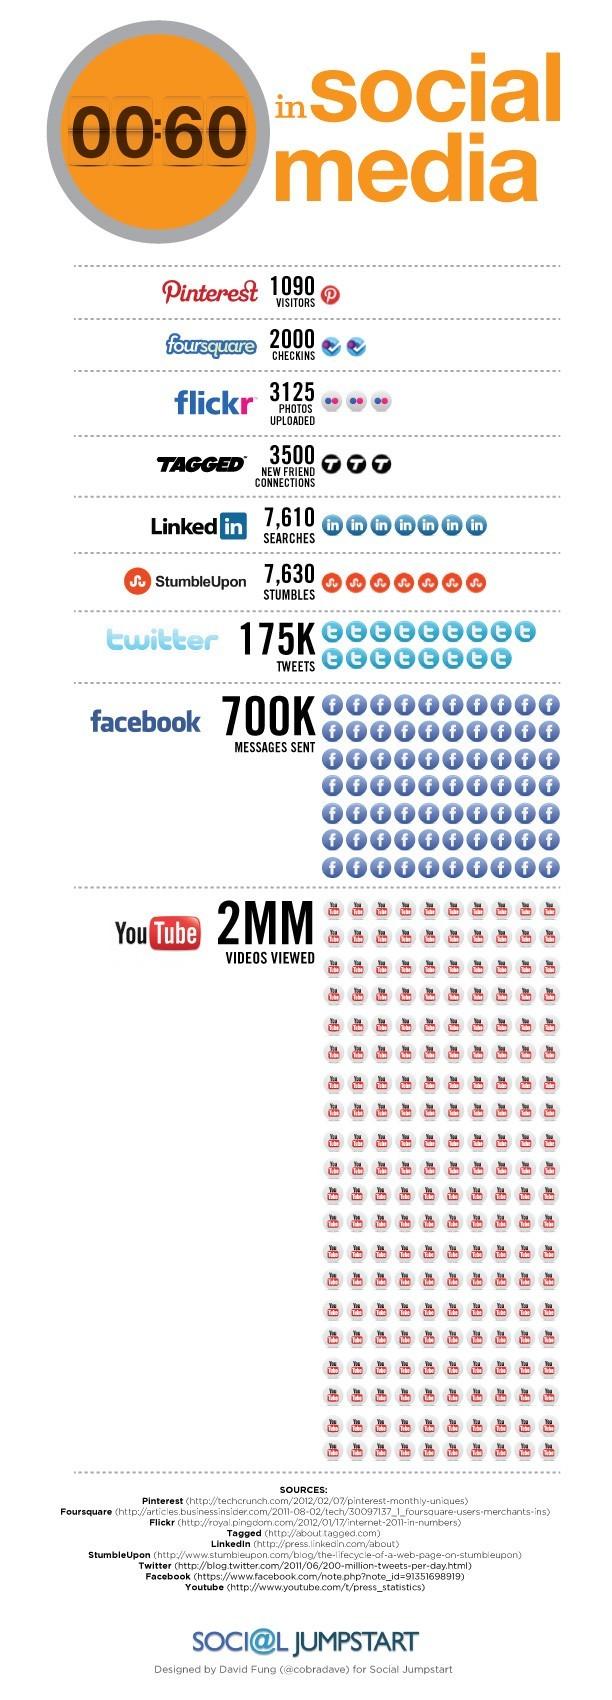 En 1 mn, sur les réseaux sociaux, il se passe... (en 1 image)